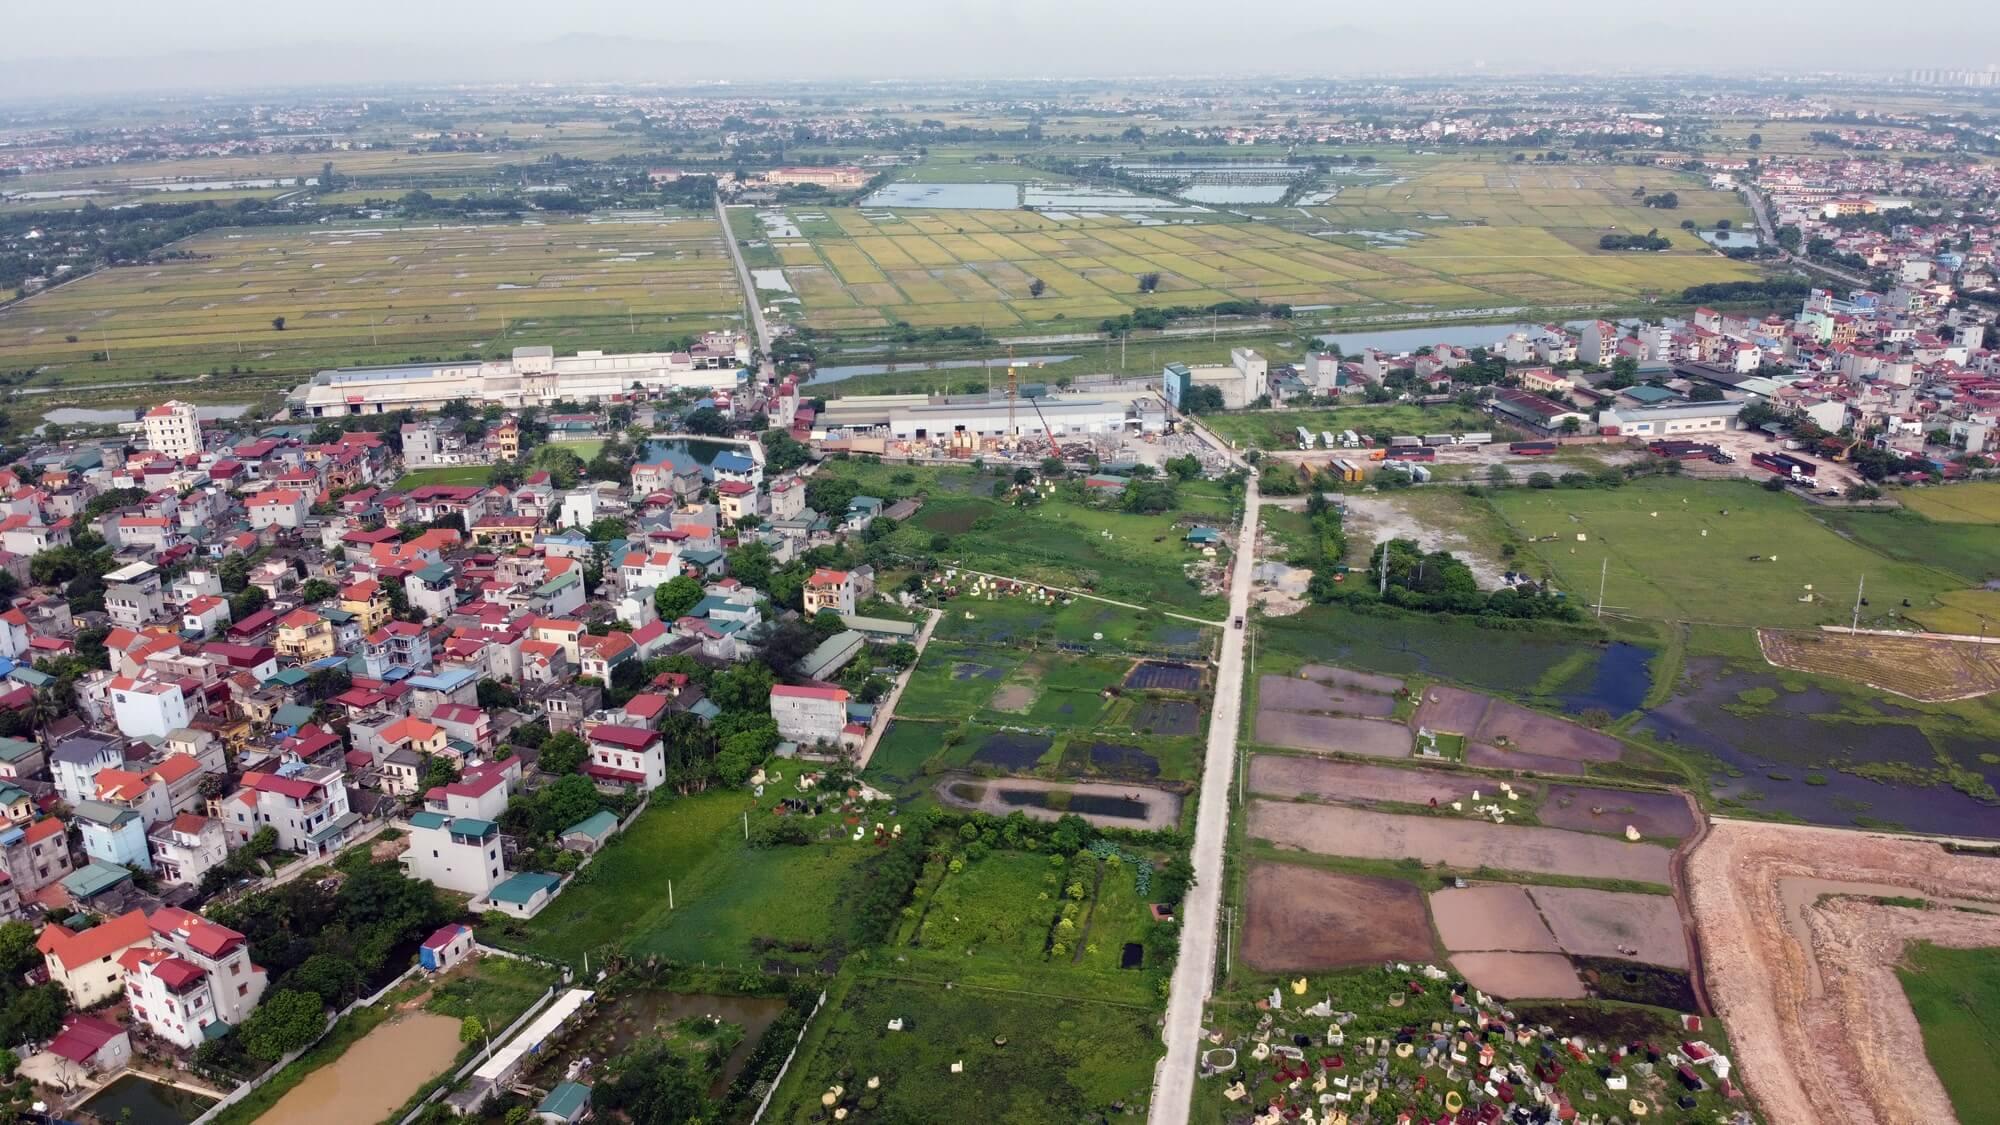 Đường vành đai 4 về phía Hà Nội sẽ giao cắt với đường Pháp Vân - Cầu Giẽ, quốc lộ 1A. Đoạn từ quốc lộ 1A đến cầu Mễ Sở dài khoảng 4km.